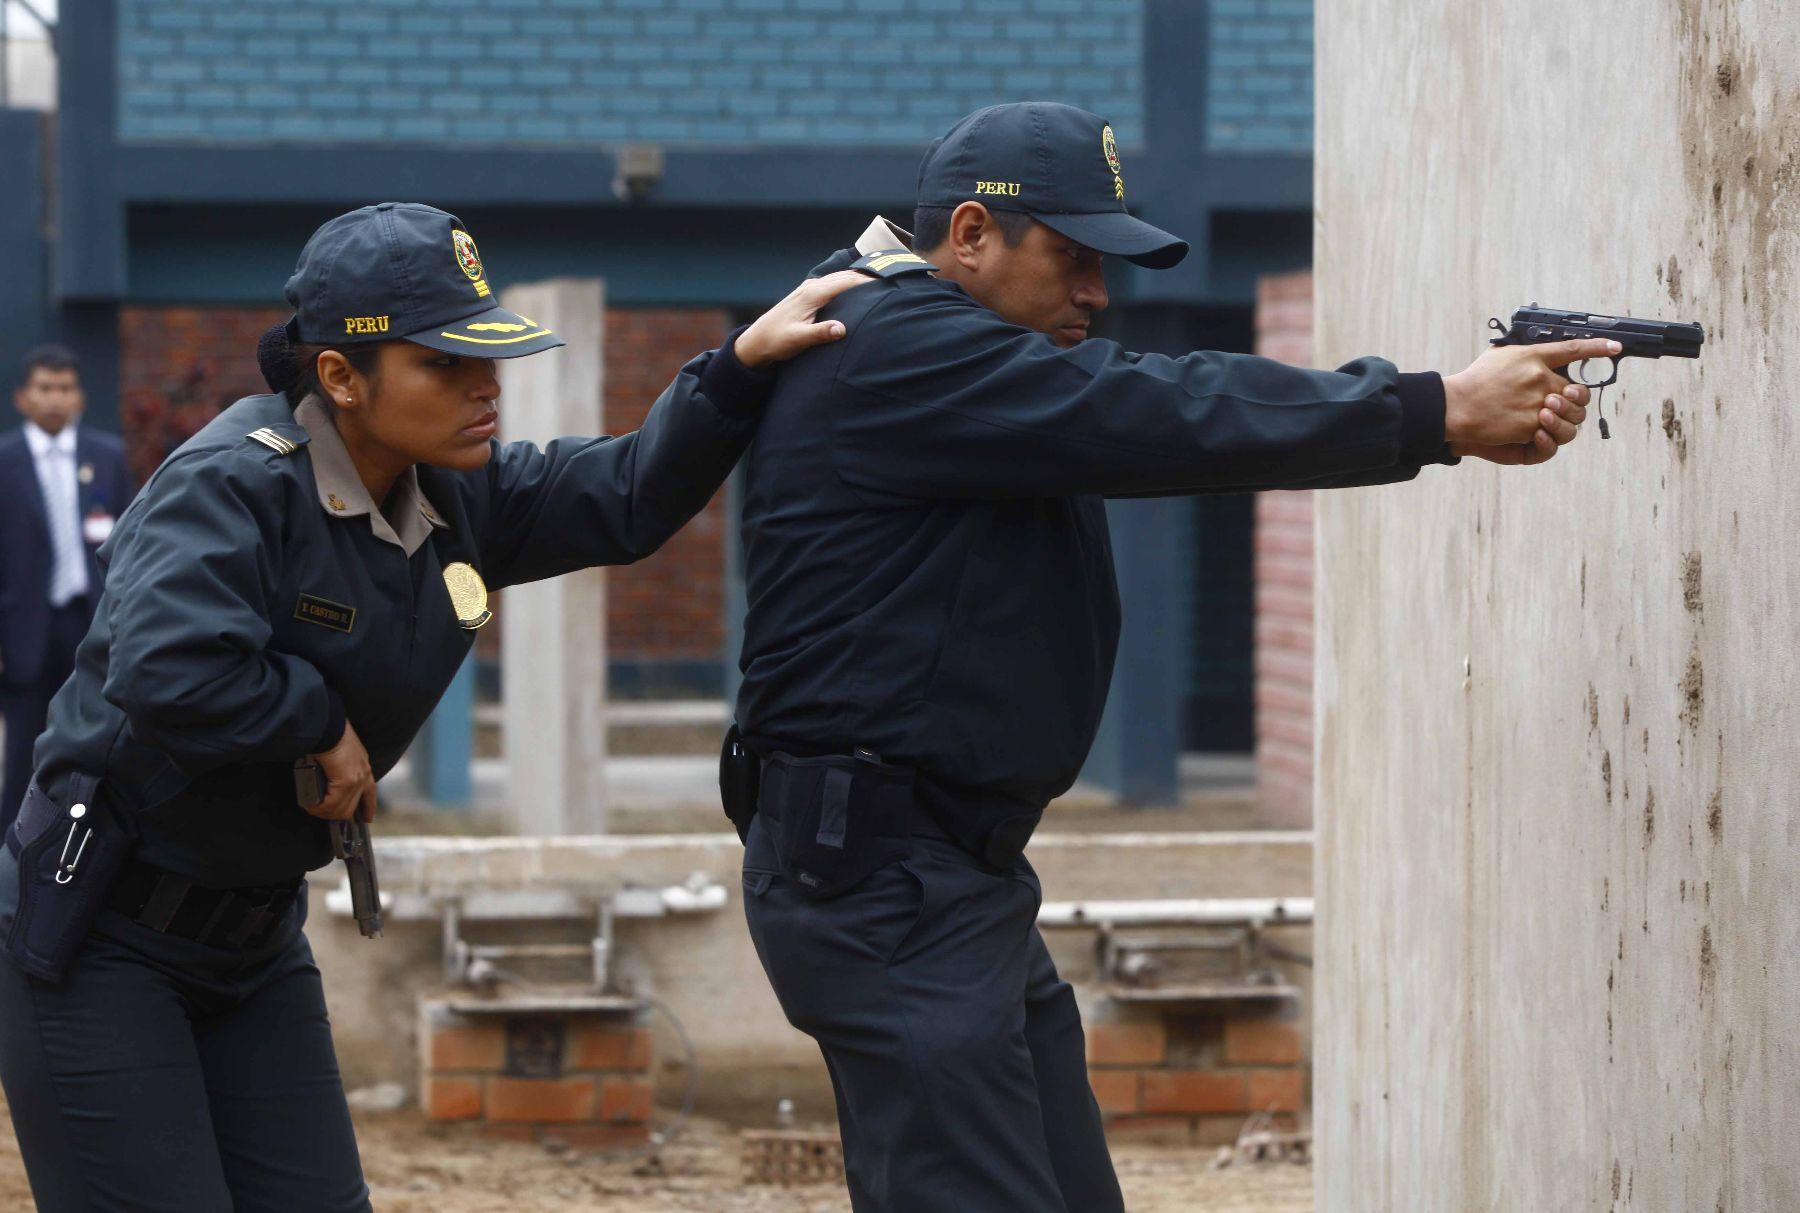 Las actuaciones policiales reguladas por el Poder Judicial: ¿se acabarán las malas prácticas en el uso de la fuerza?